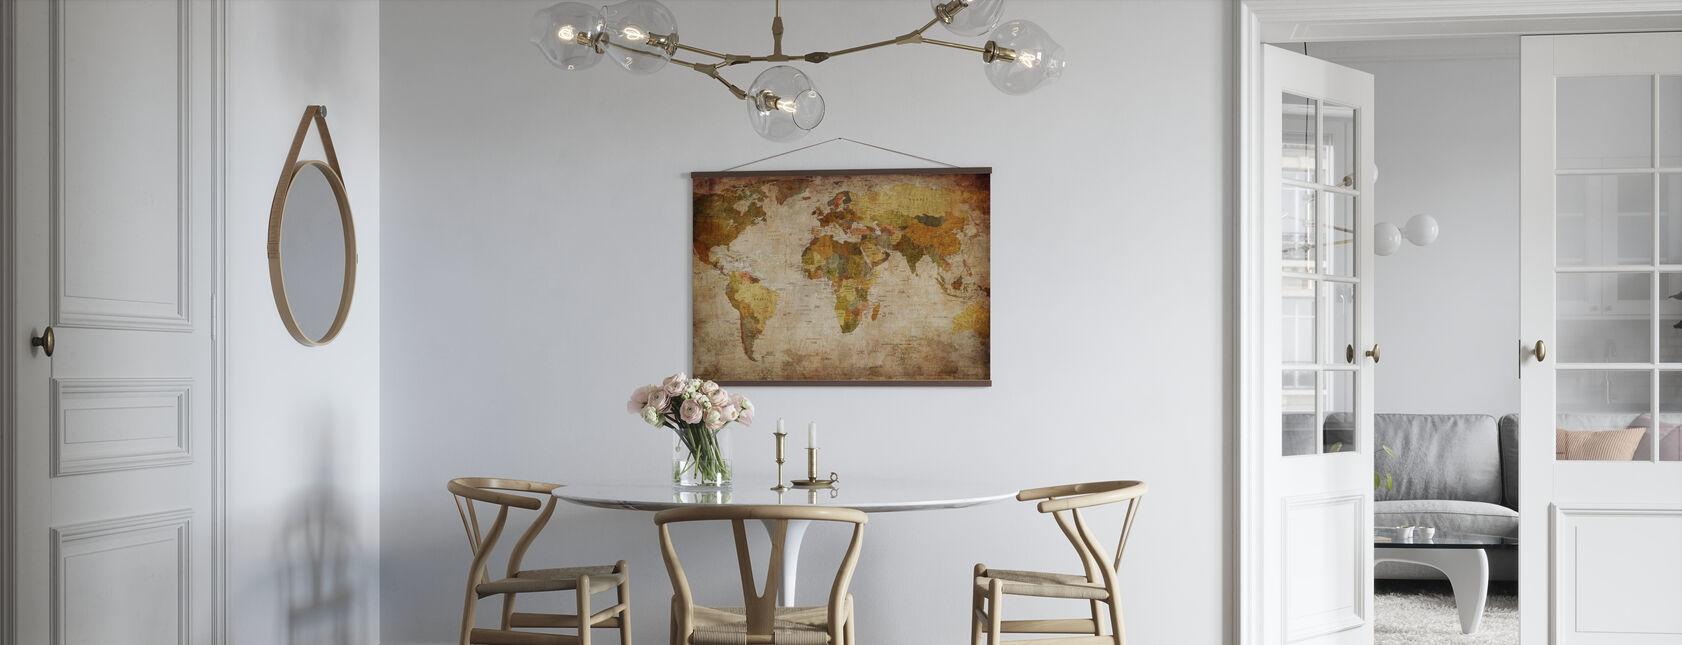 Old Vintage World Map - Poster - Kitchen